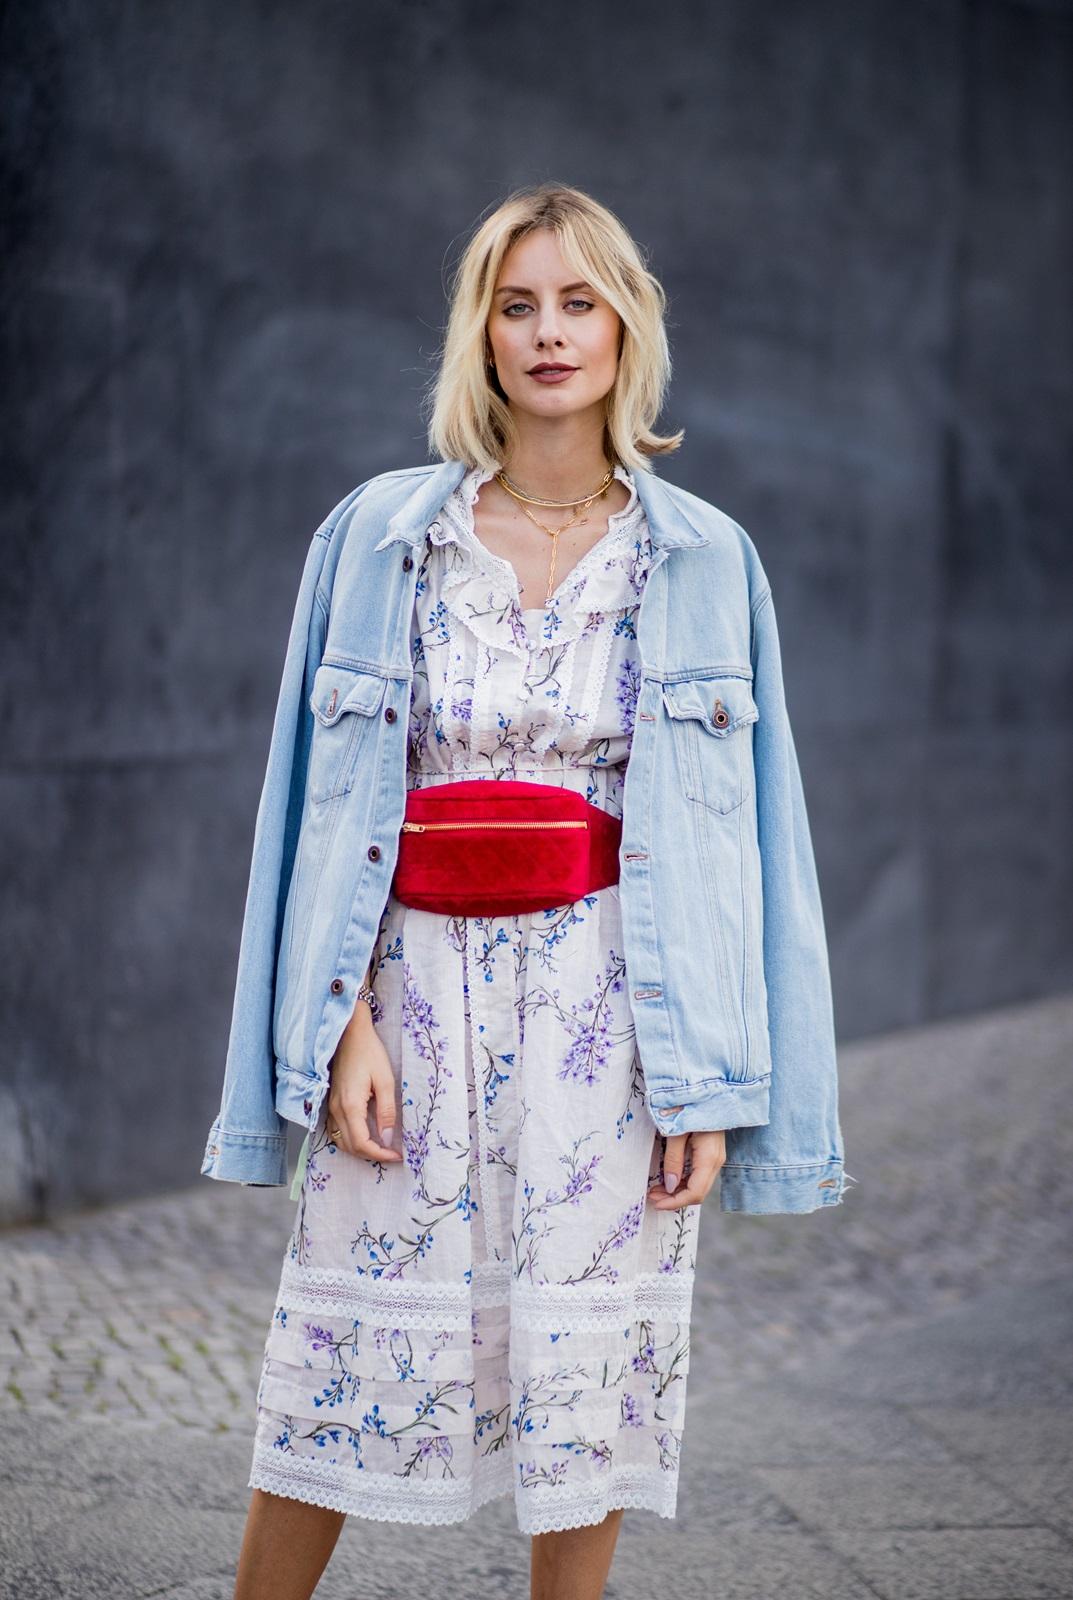 Outfit Vintage Chanel Belt Bag Luxussachen.com